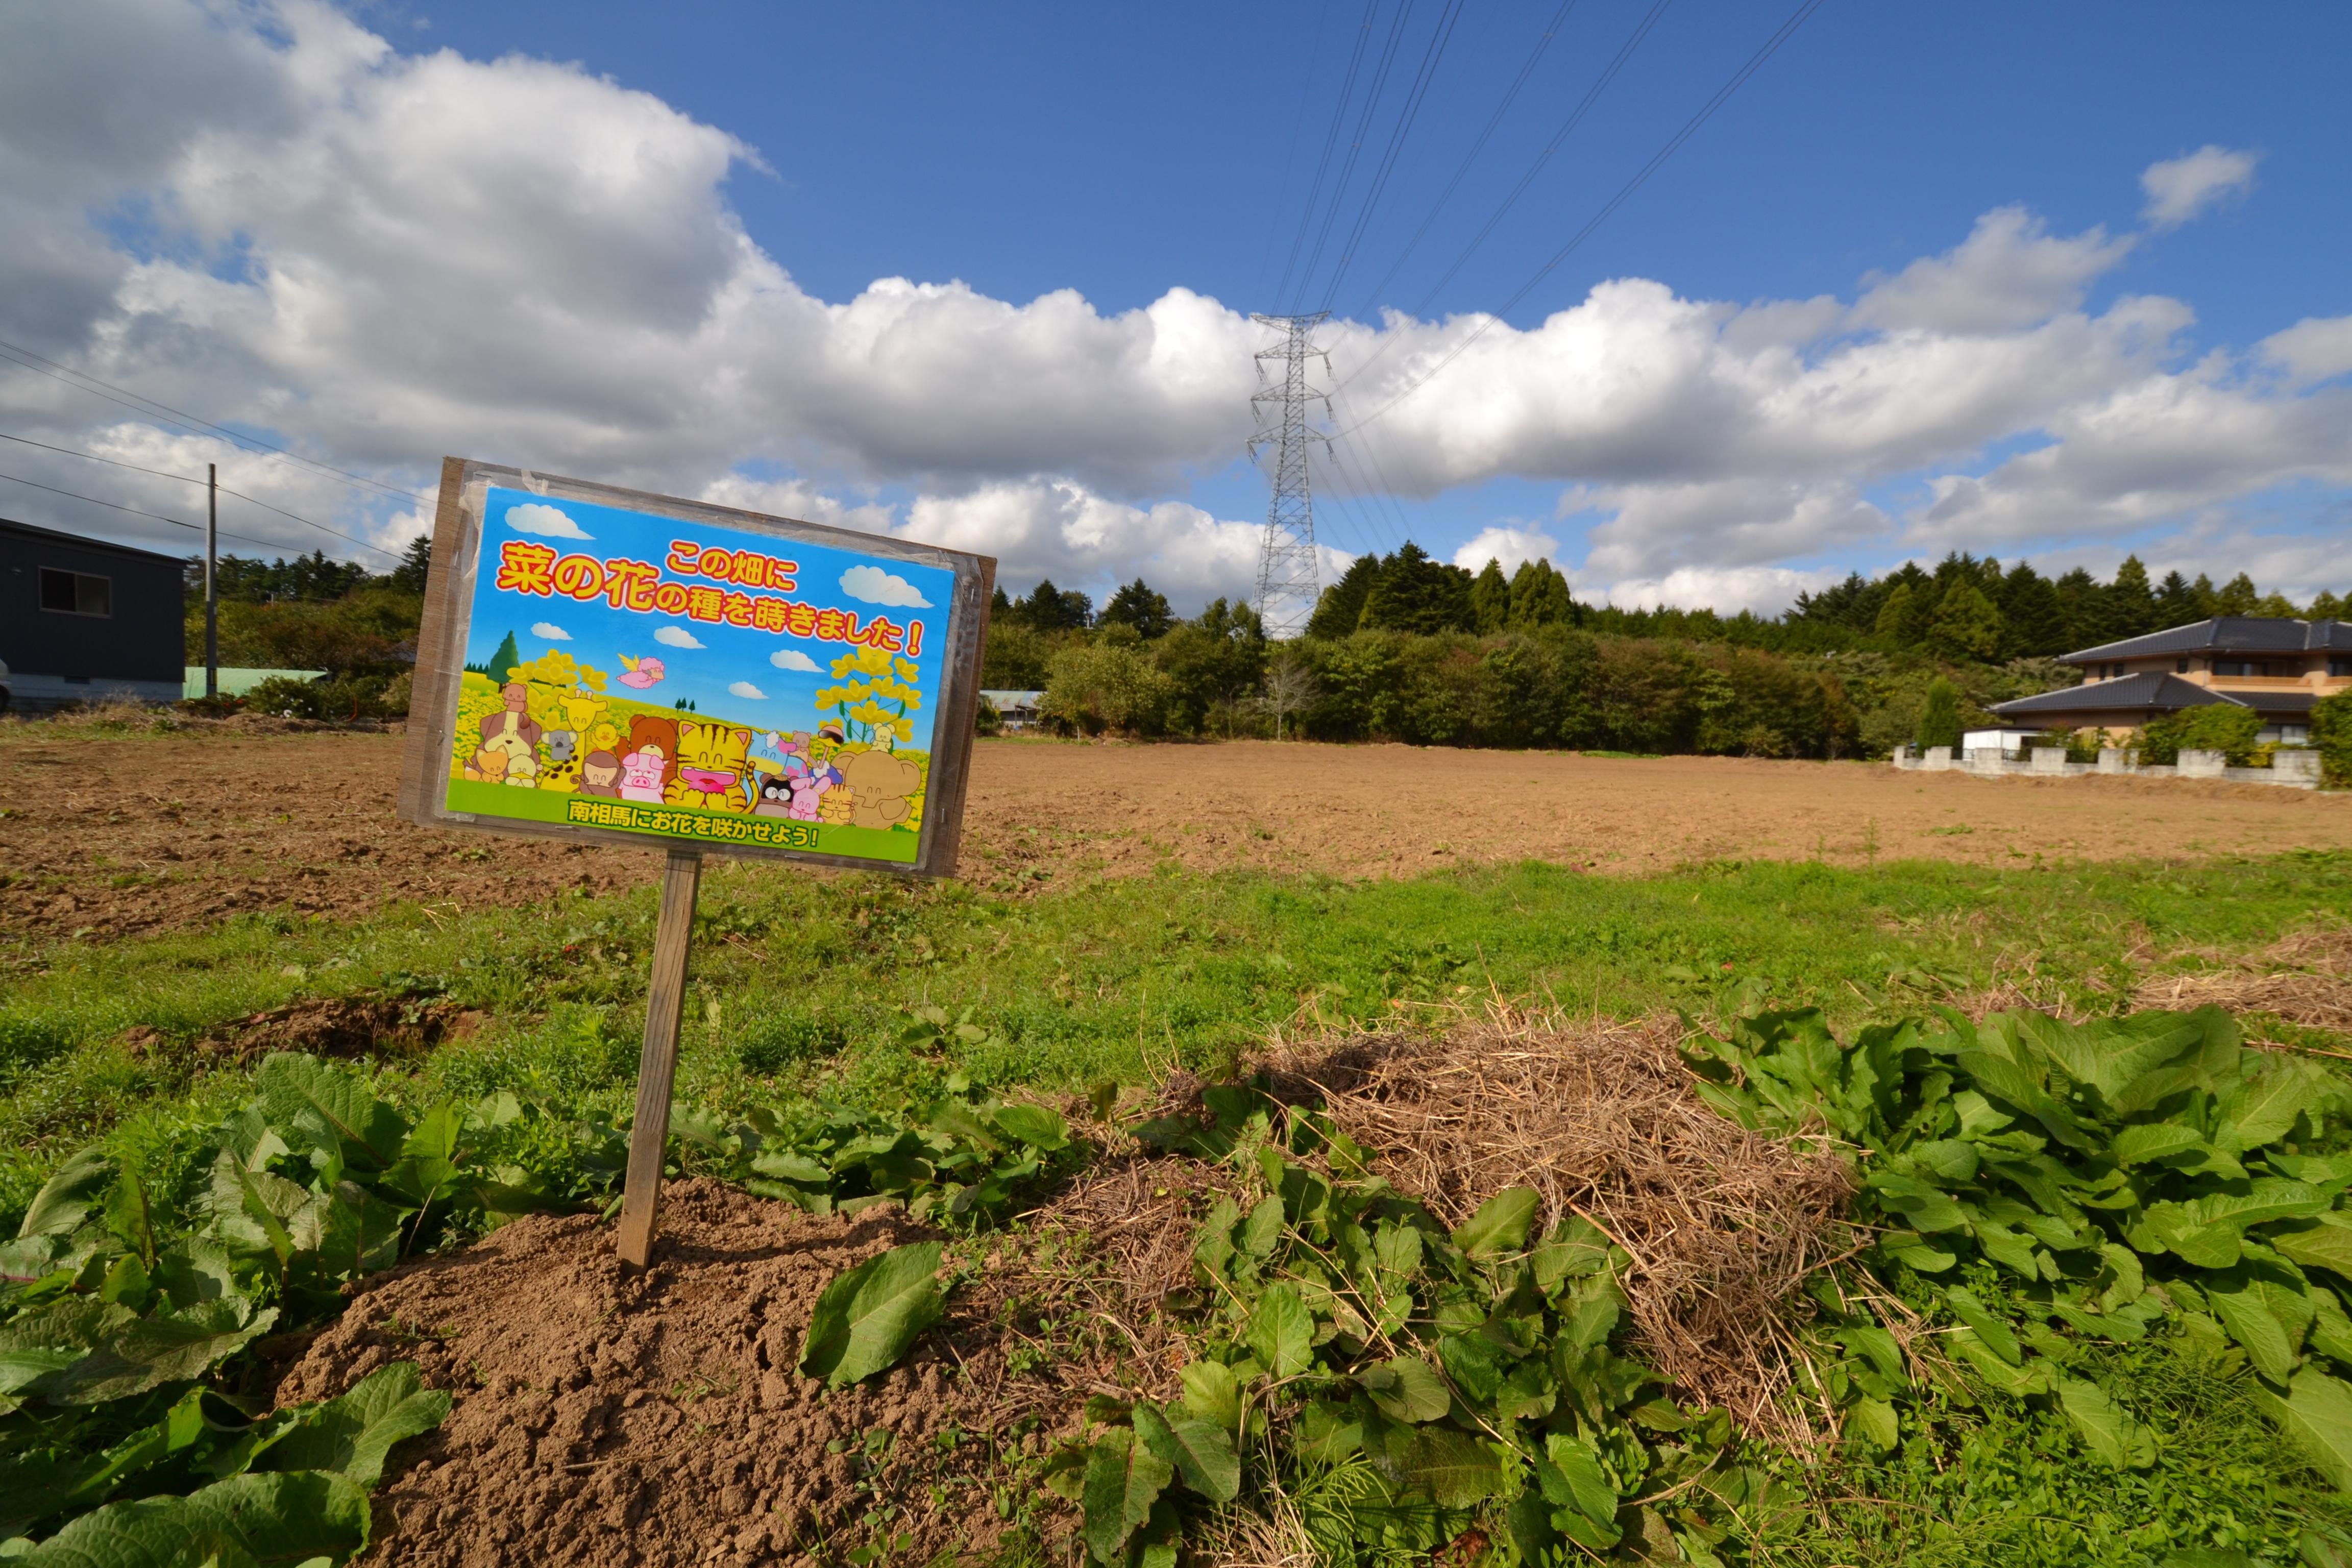 odaka sunflower field sign Let the flowers bloom.JPG